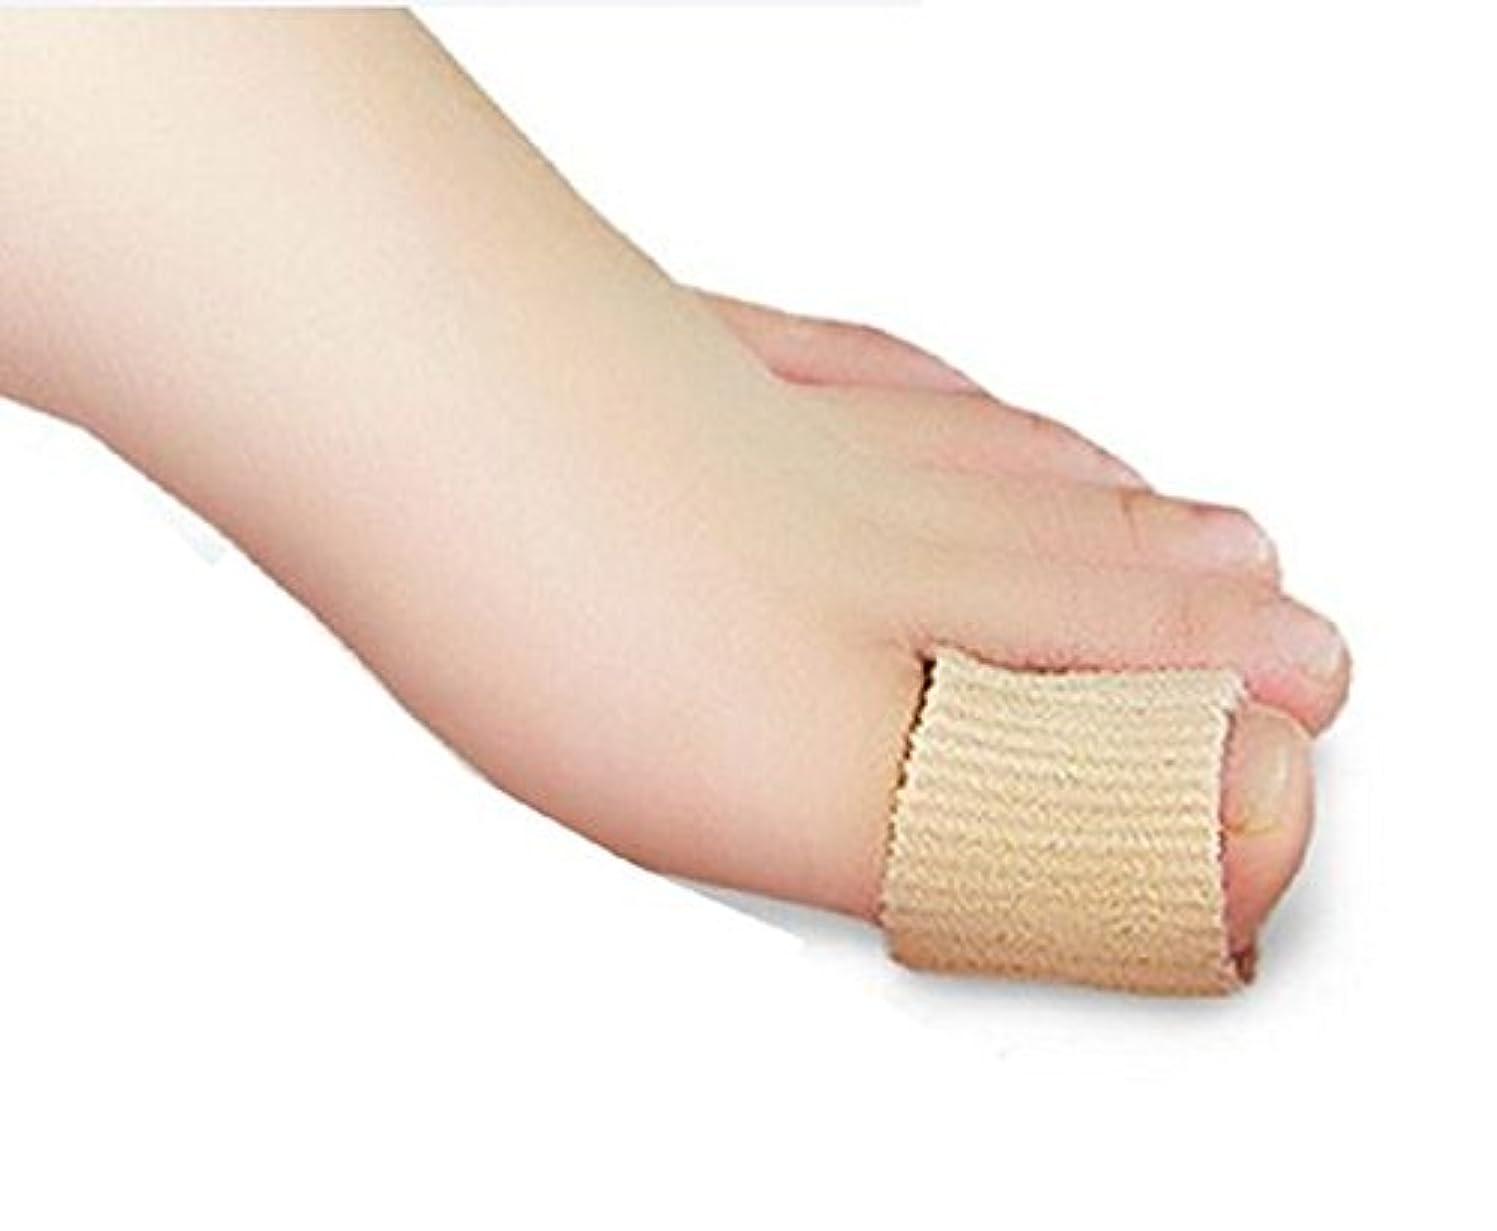 落胆した恒久的配置I BECOME FREE 足指保護パッド 手の指 突き指 足まめ マメ 水虫 腫れ 内部のジェルで優しく包みます